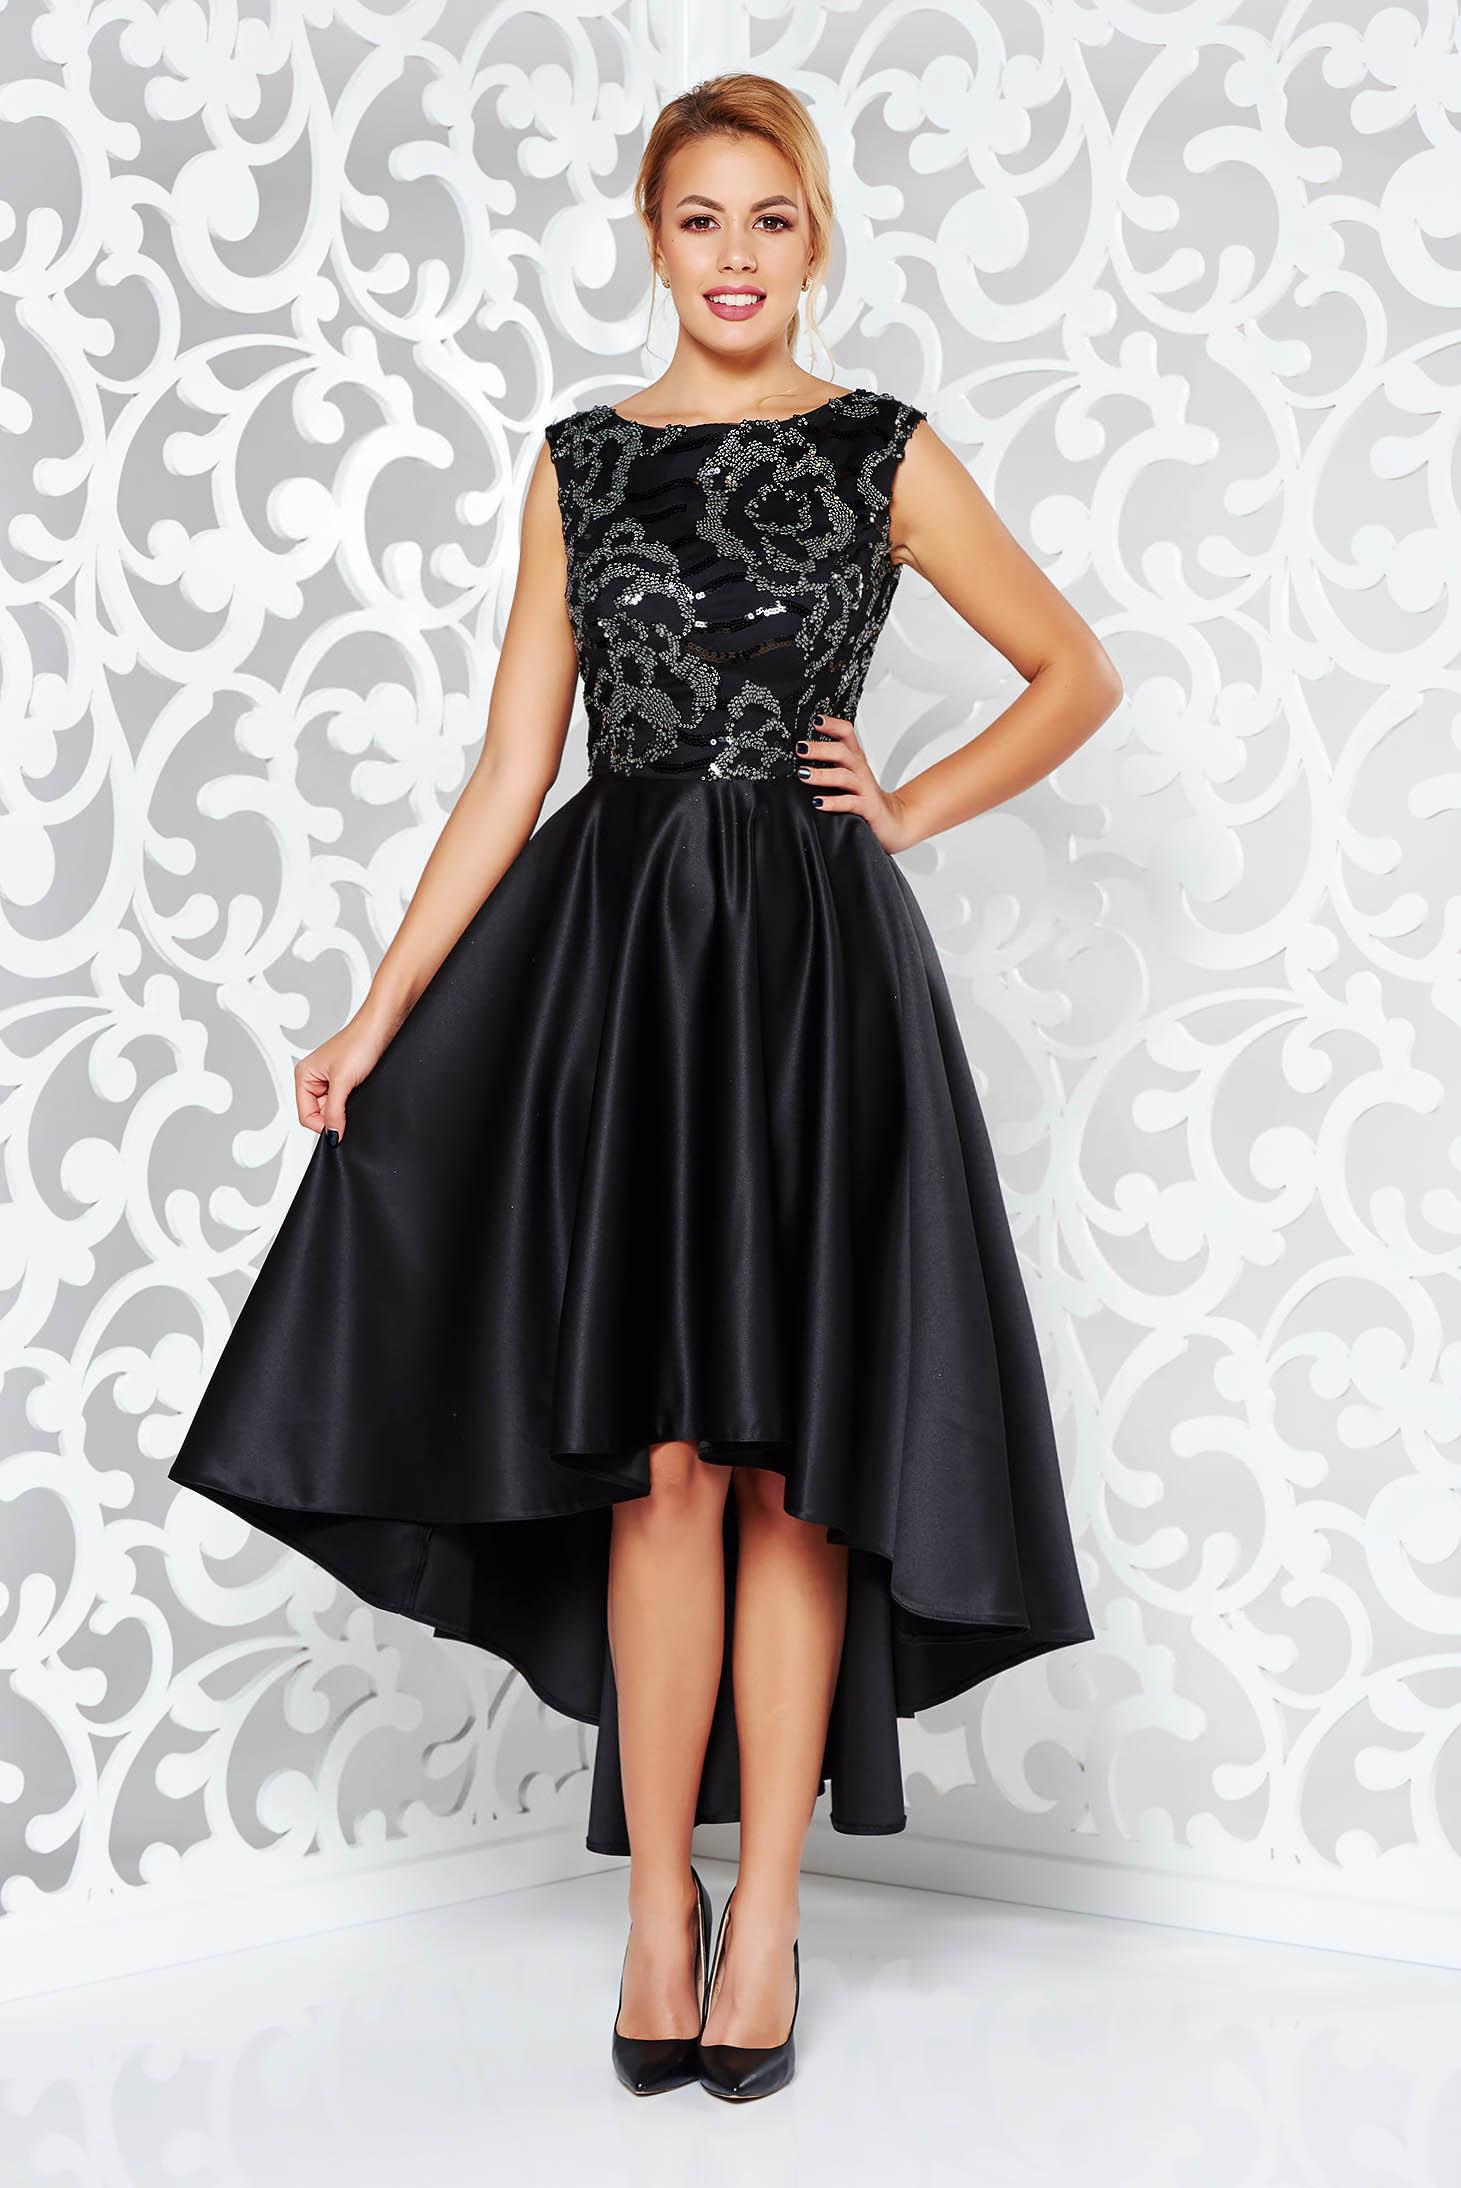 Satin Black Dresses